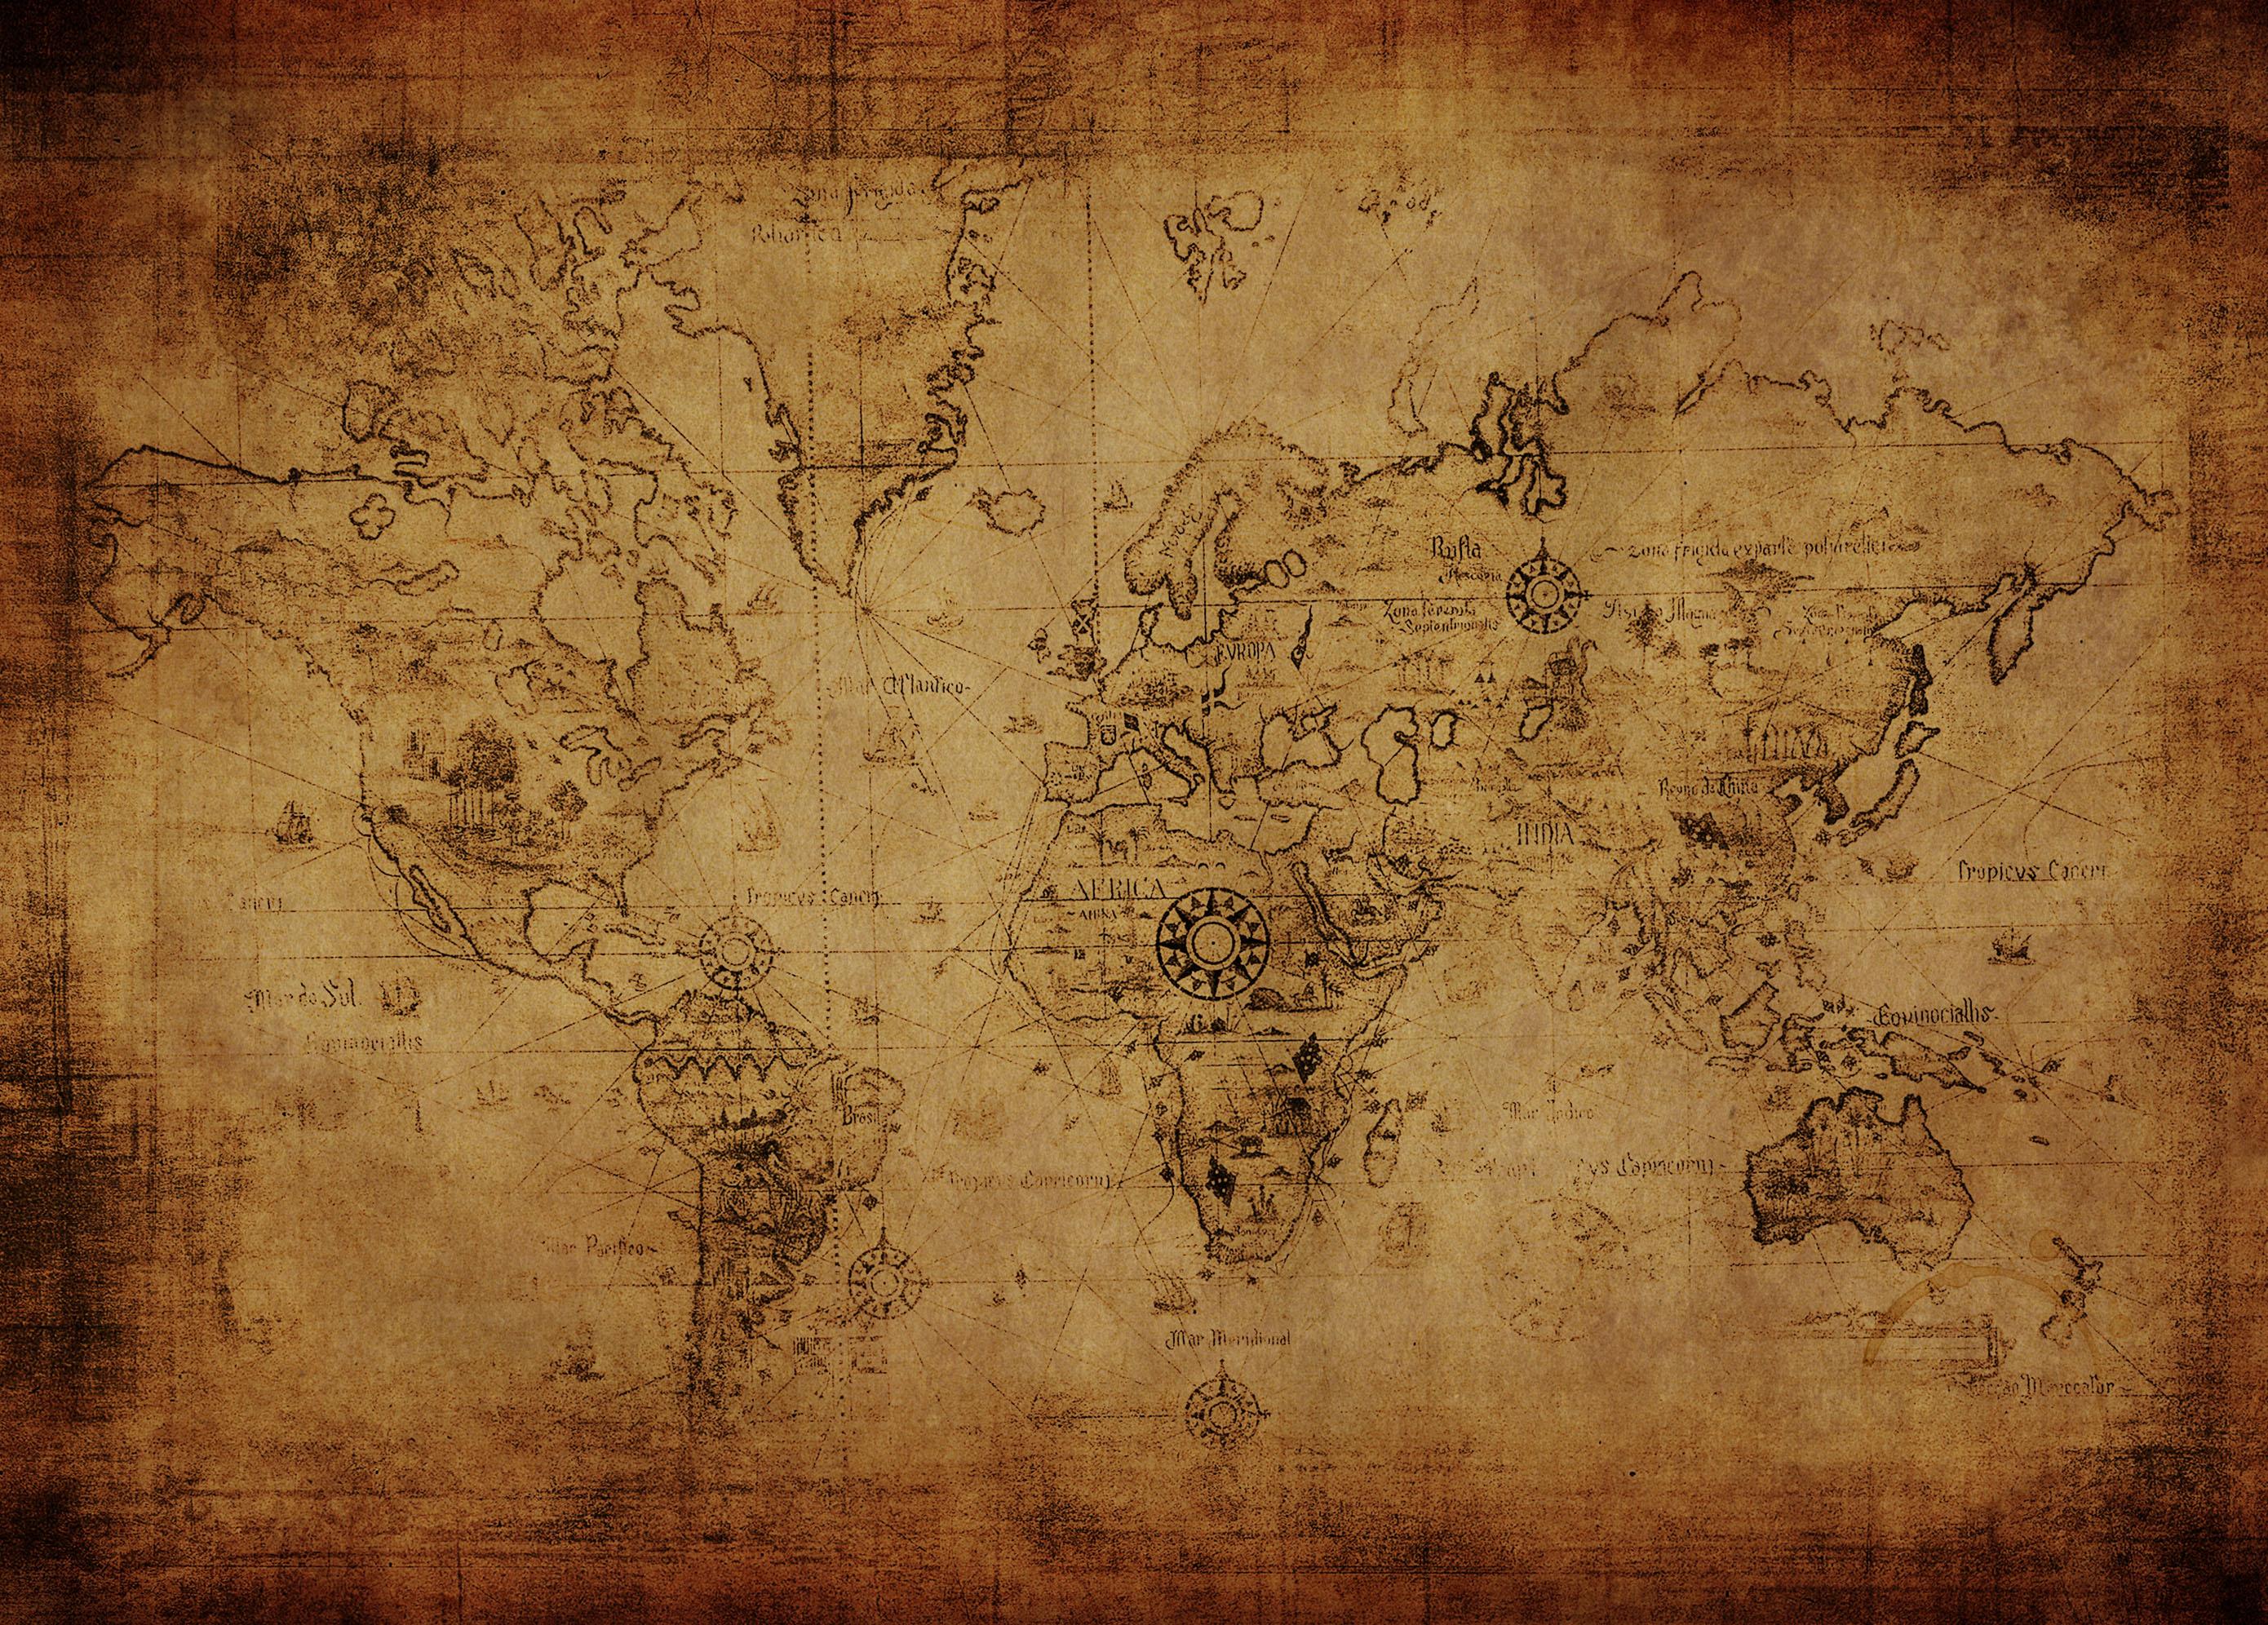 alte landkarte Schreibtischunterlage alte Landkarte auf Papier  alte landkarte